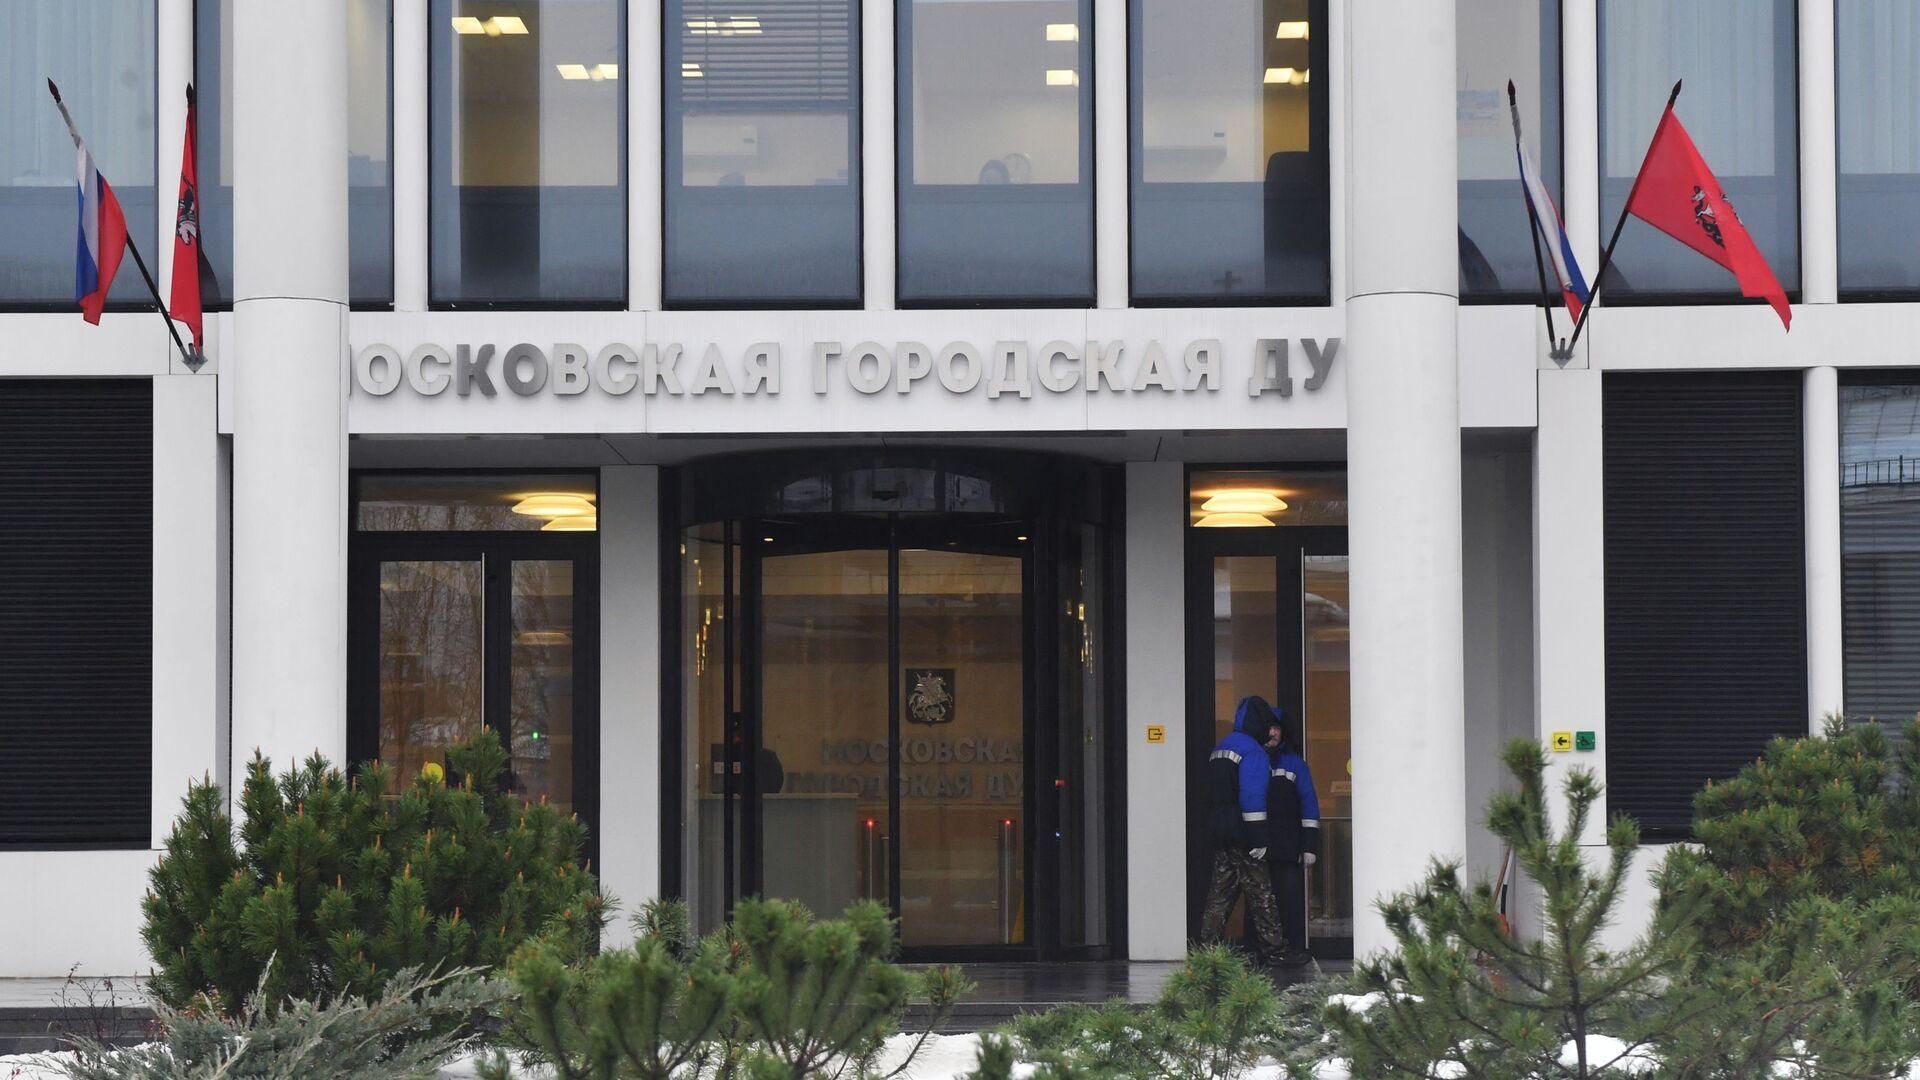 Здание Московской городской Думы на Страстном бульваре в Москве - РИА Новости, 1920, 14.05.2021